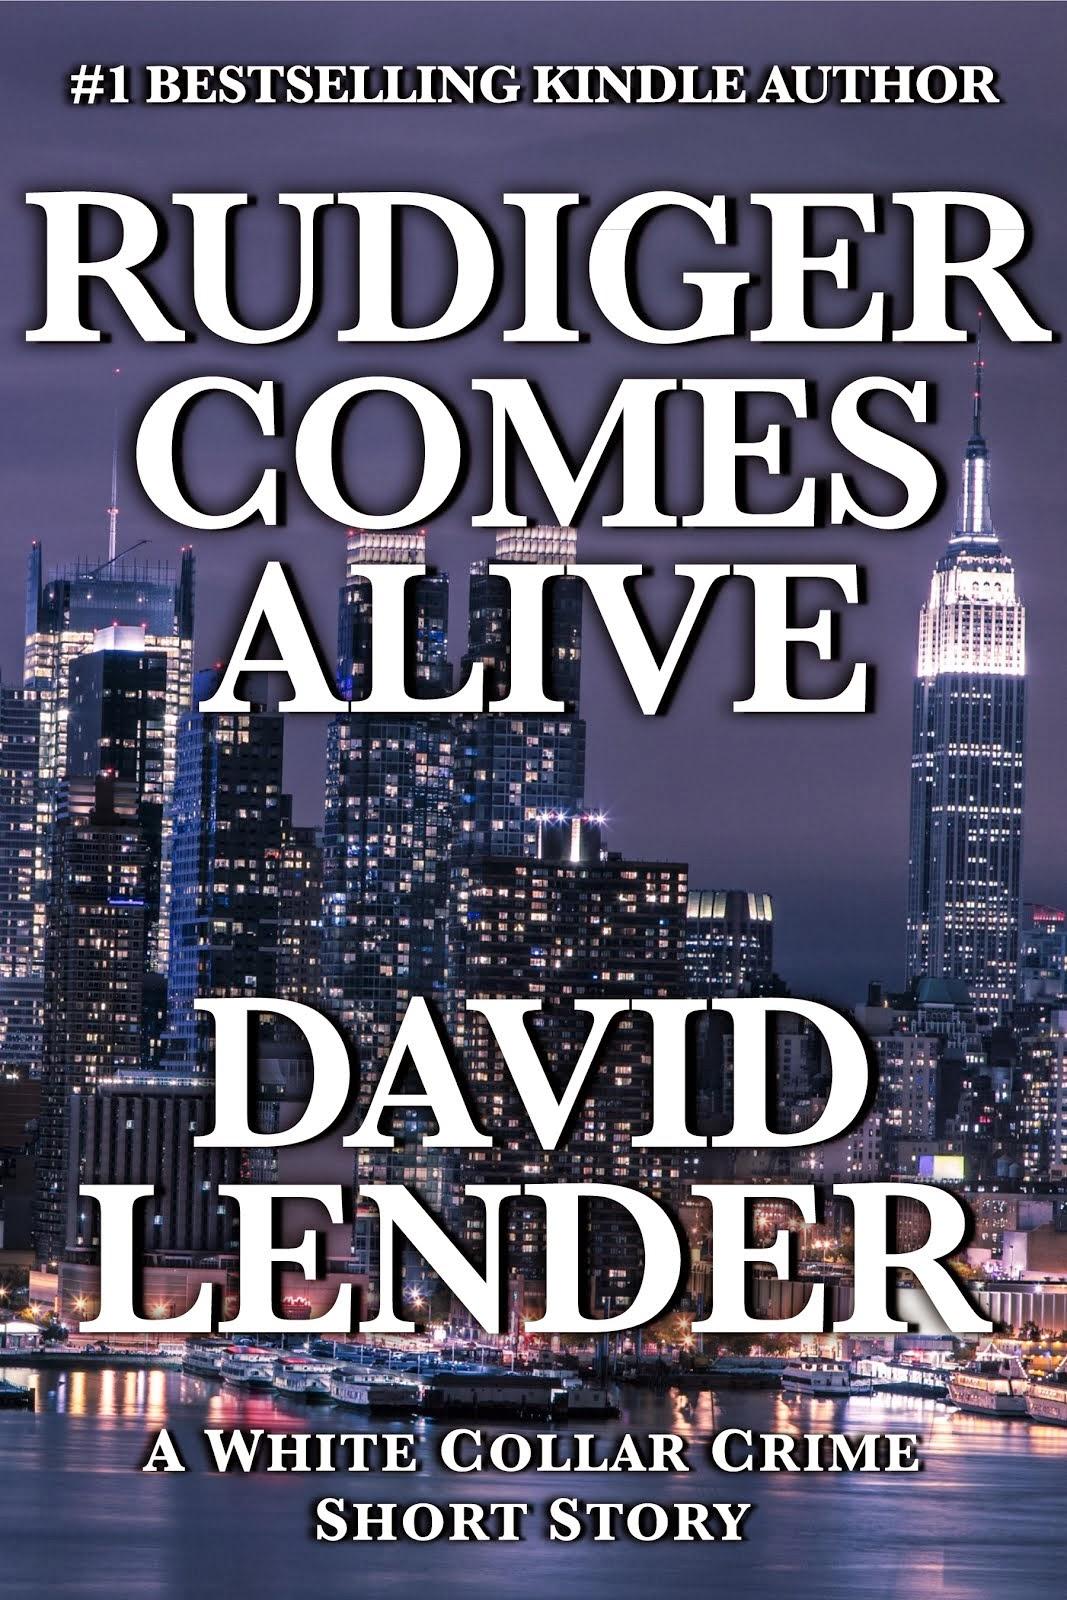 Rudiger Comes Alive